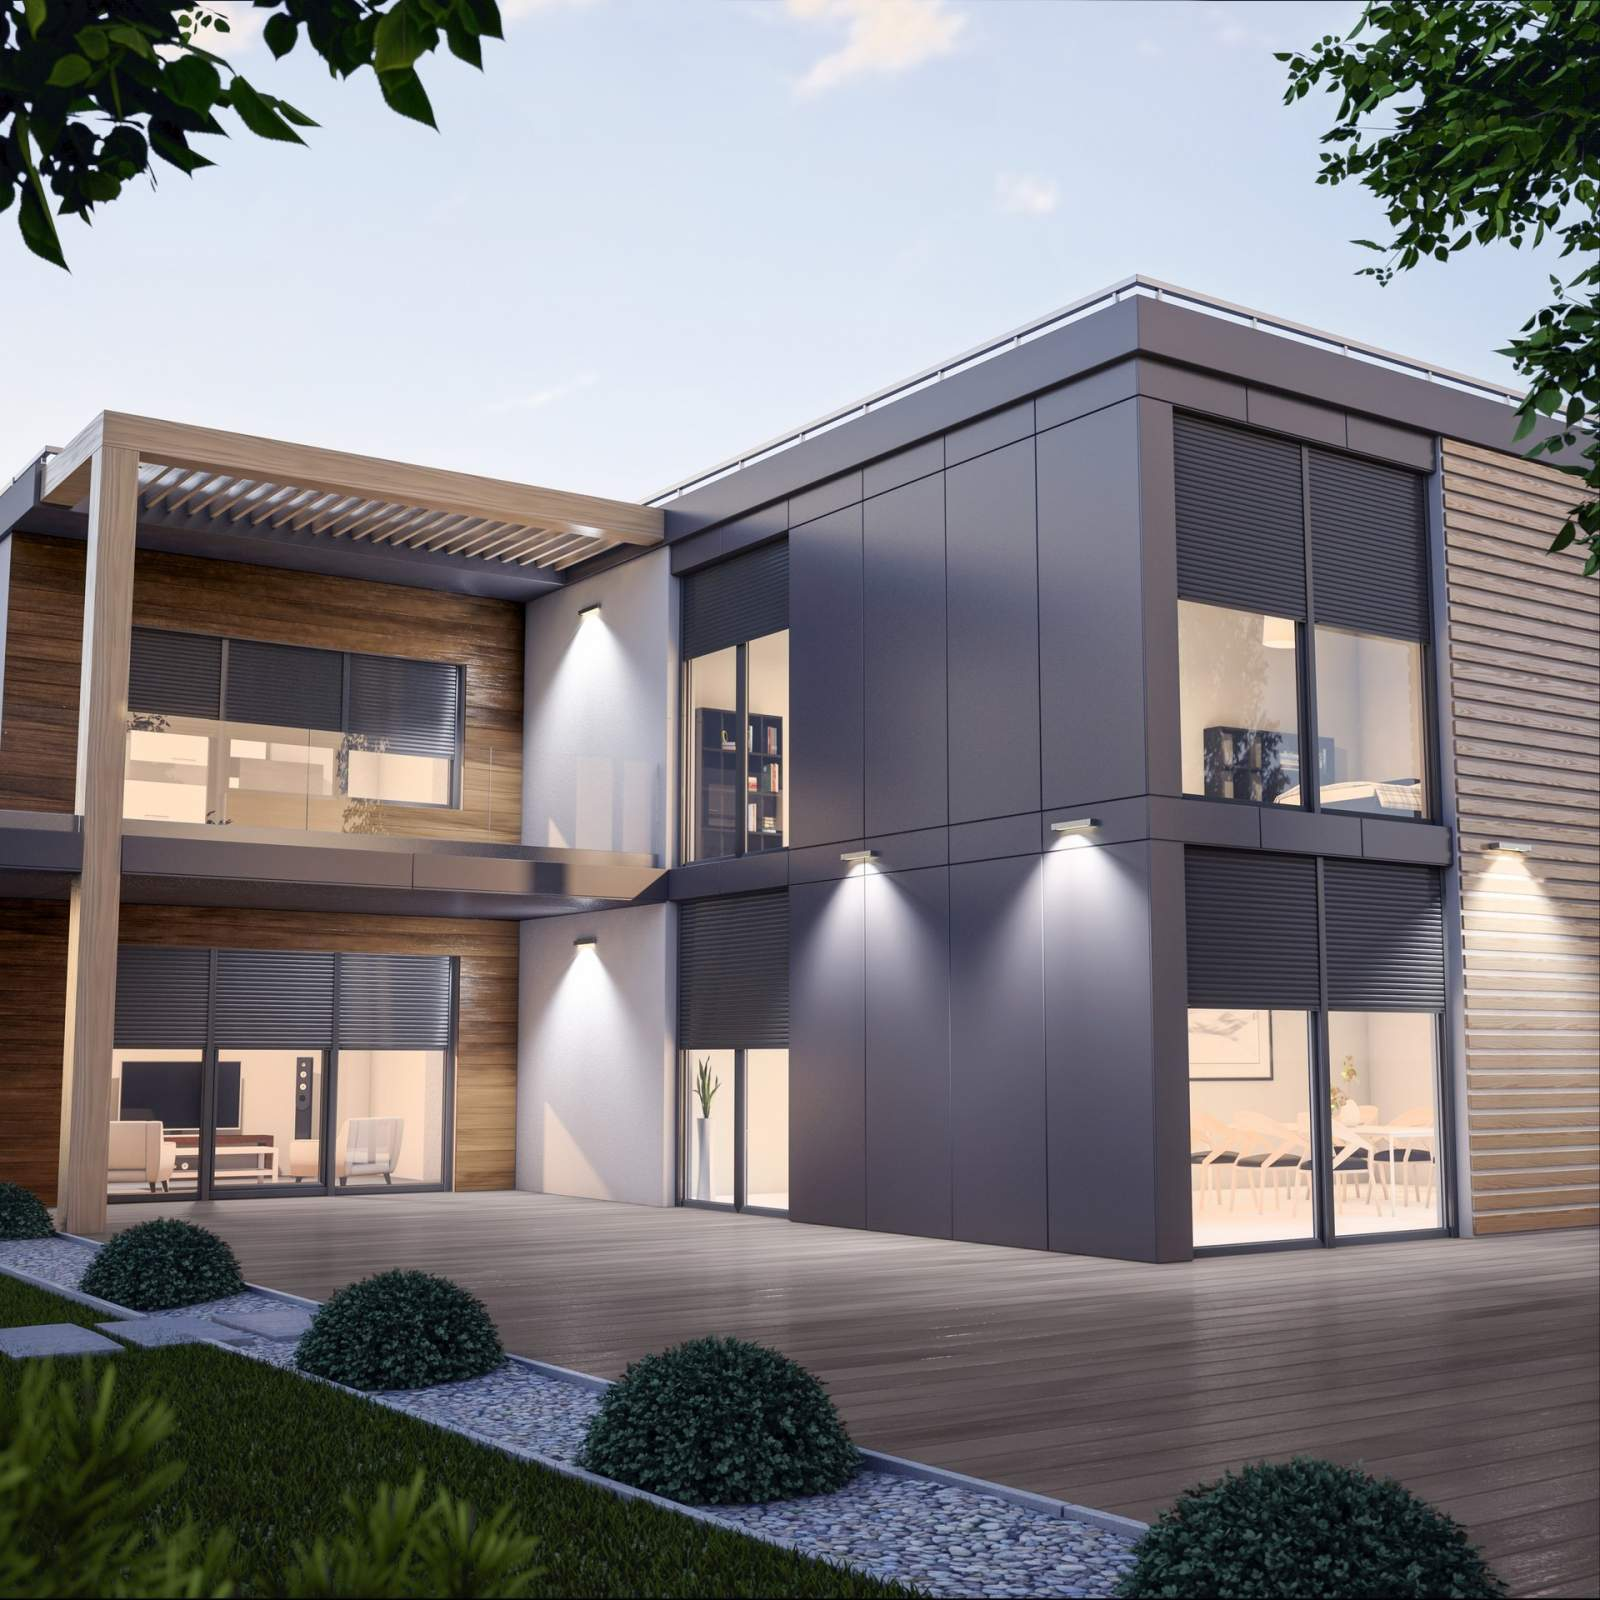 Haus komplett ausgestattet mit Drutex Rollläden aus Alumnium